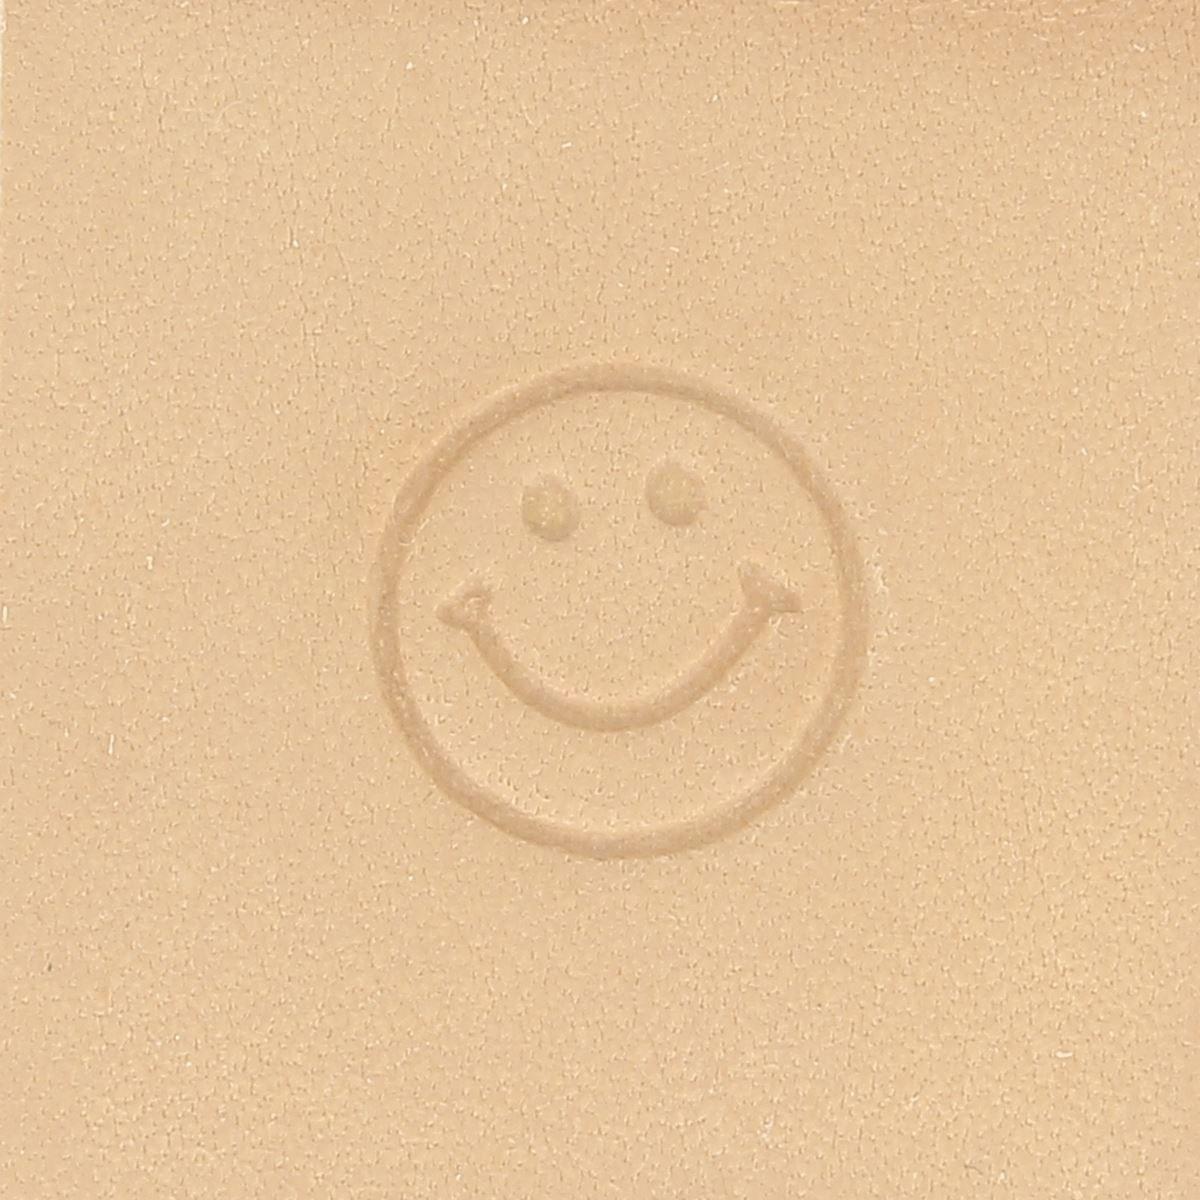 Matoir avec manche - Smiley heureux - 66676